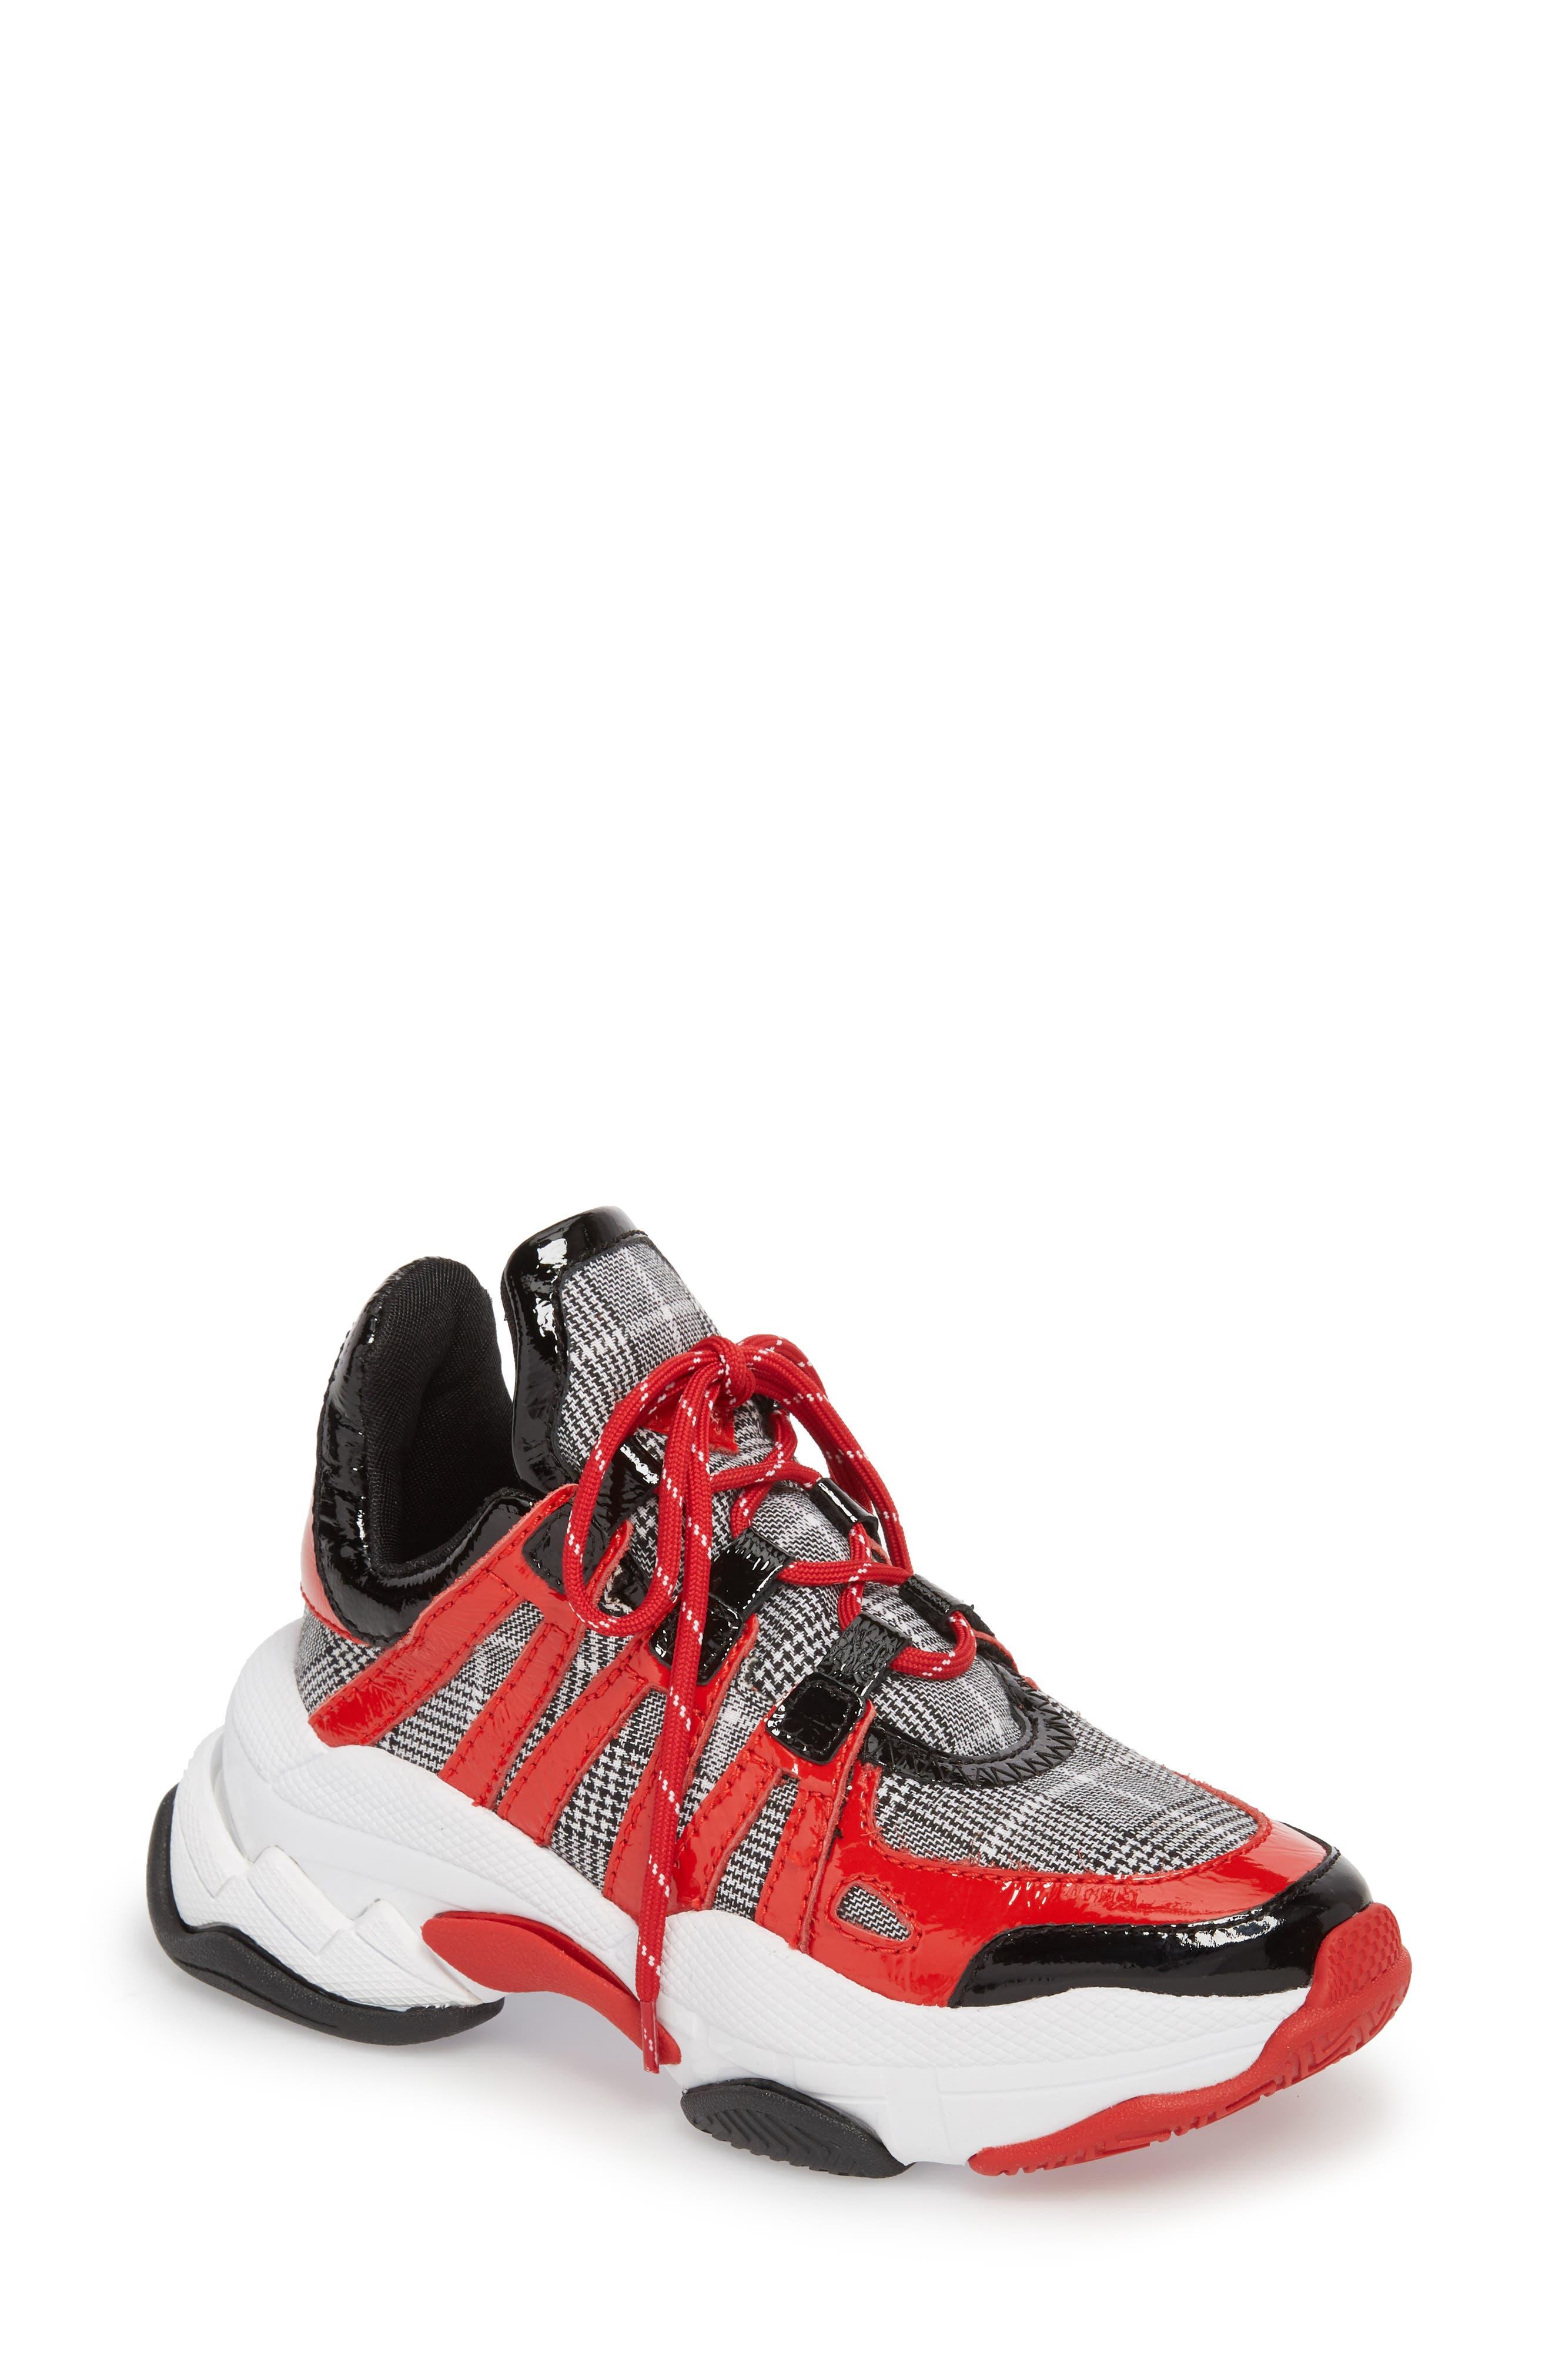 WiFi Sneaker,                         Main,                         color, Red Pat Plaid Multi